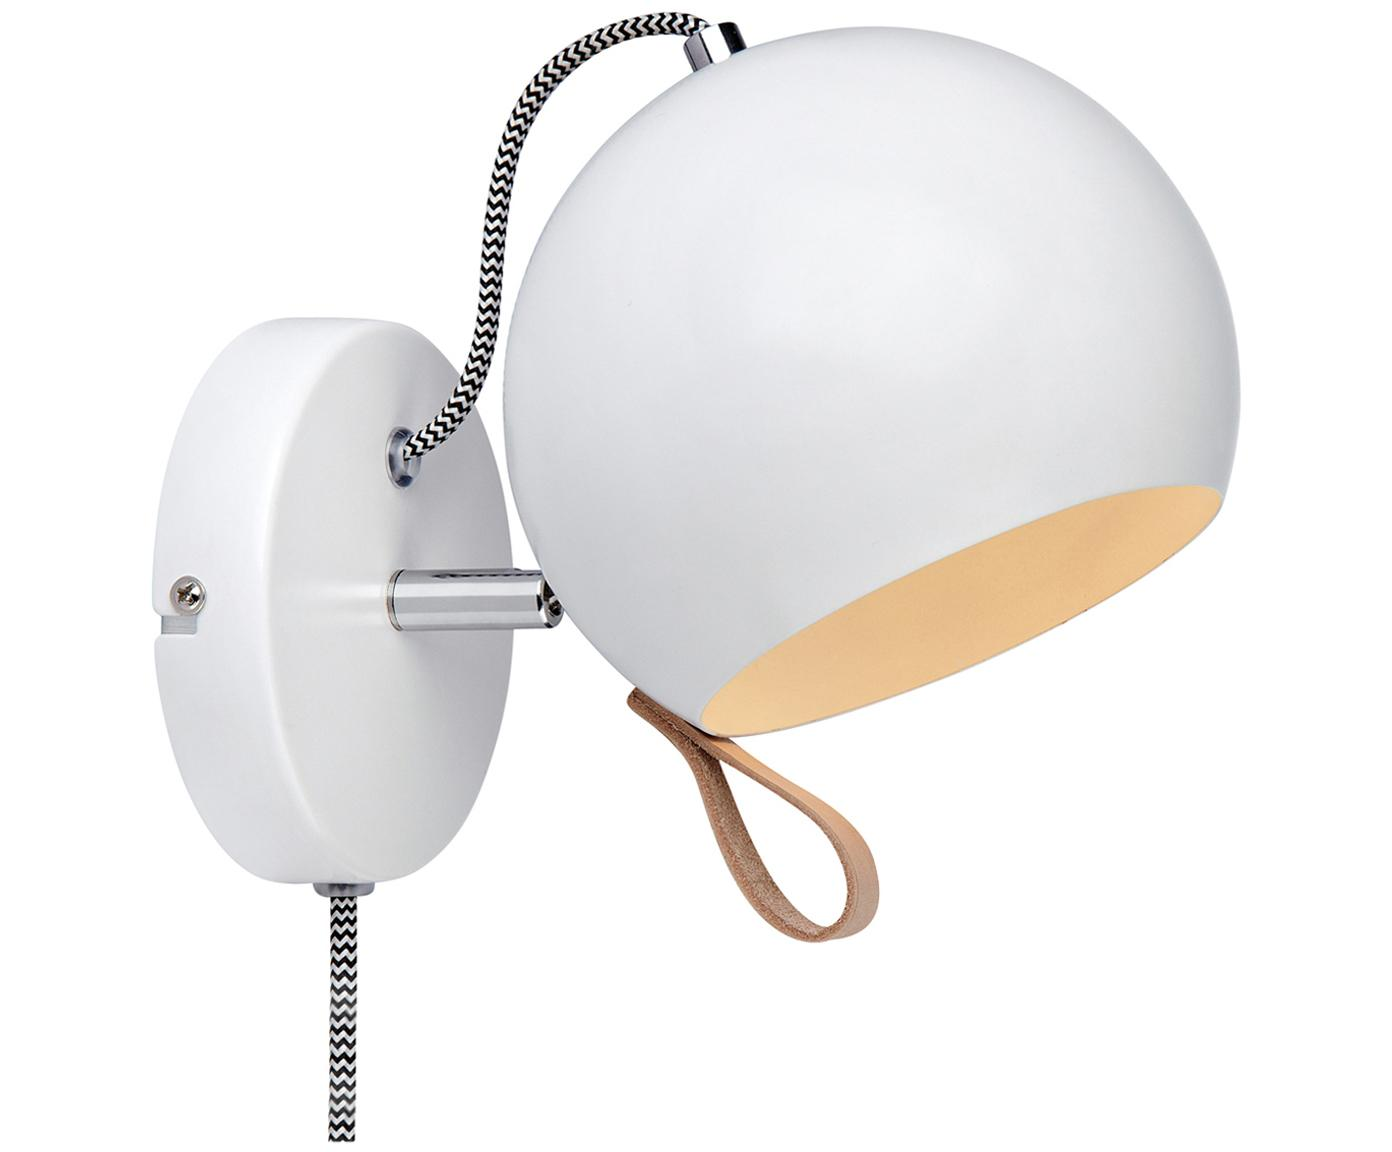 Wandlamp Ball, Lamp: staal, gecoat, Lamp binnenzijde en buitenzijde: wit. Snoer: zwart, wit. Lus: bruin, 21 x 19 cm